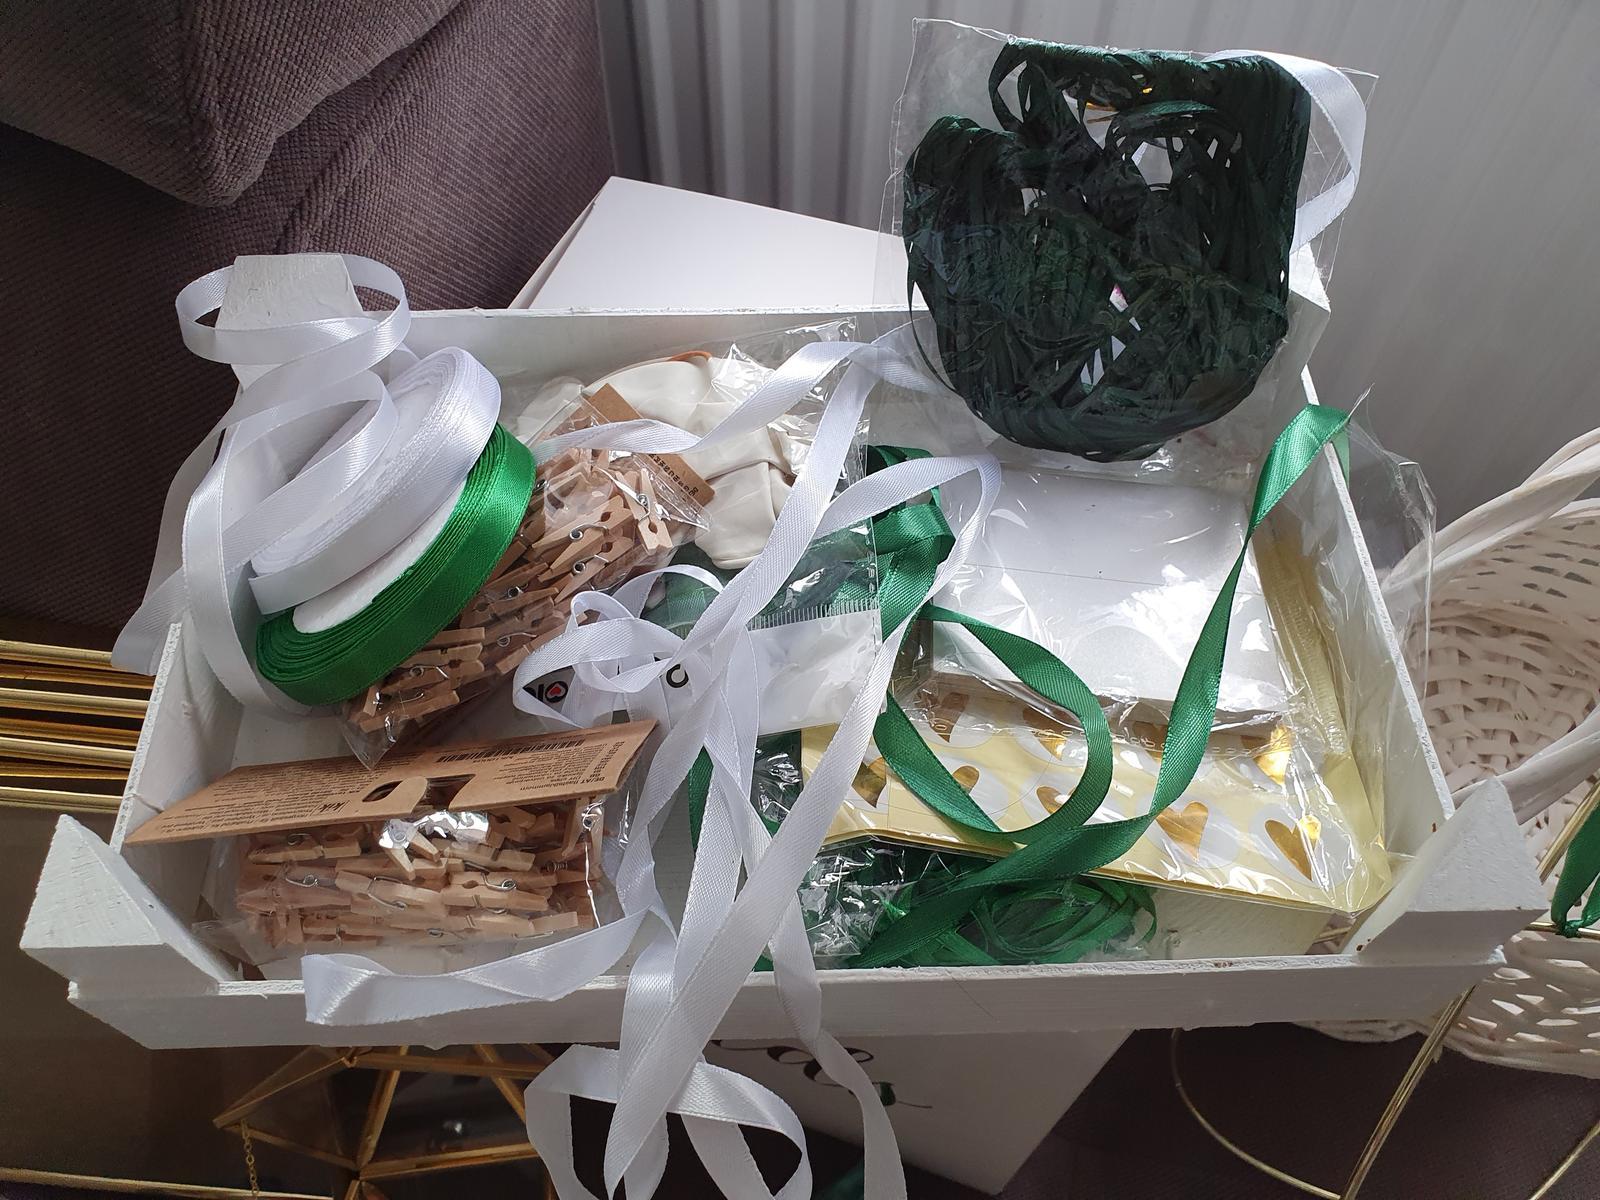 bilo - zeleno -zlate svatebni dekorace a doplňky - Obrázek č. 4